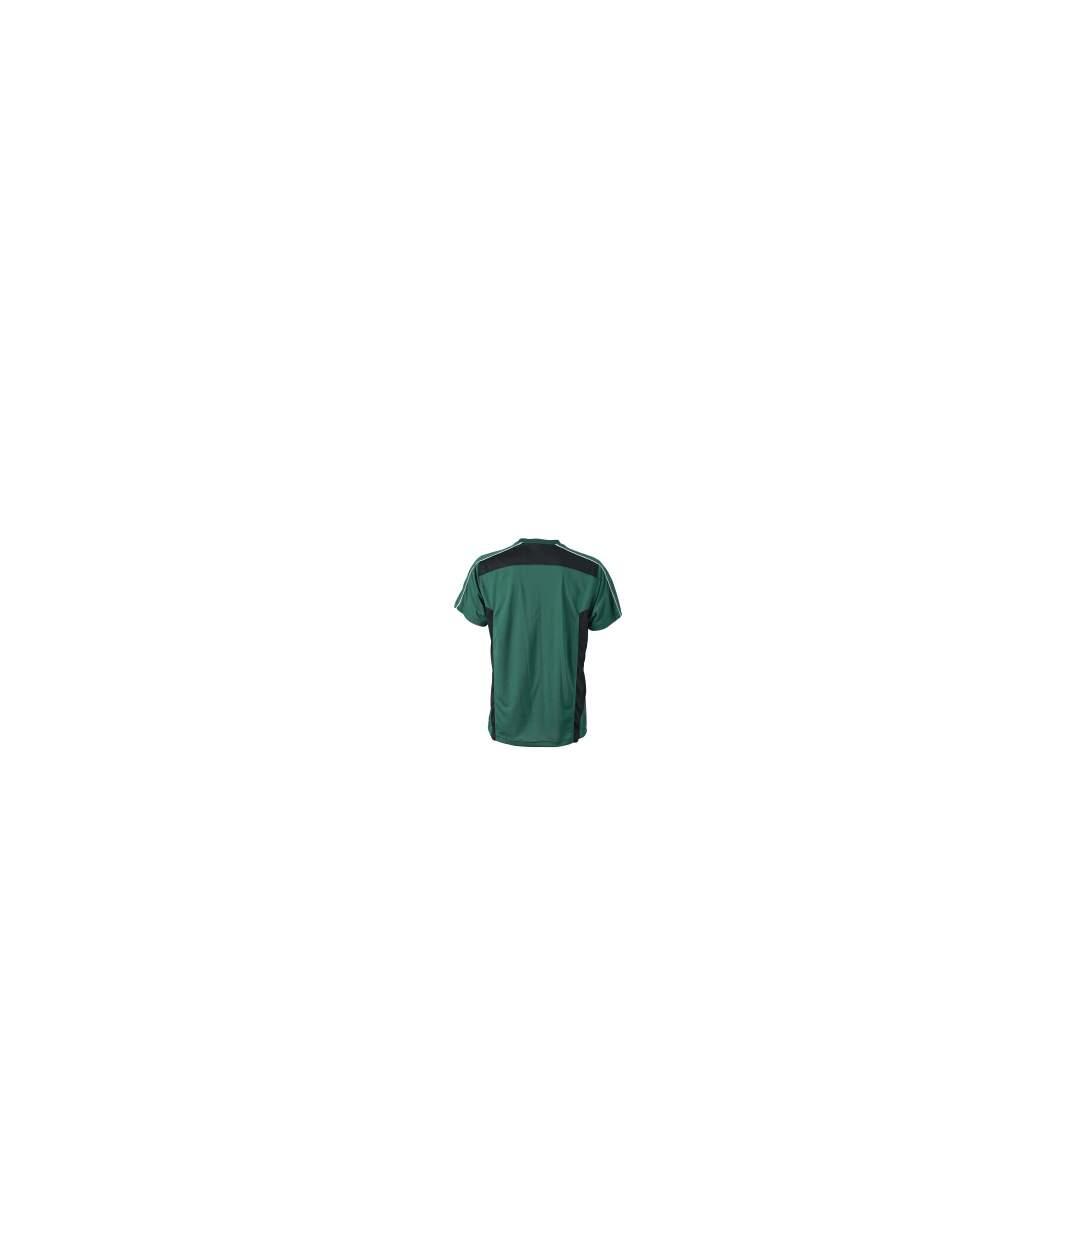 T-shirt artisan anti-bactérien anti-statique - JN827 - vert foncé